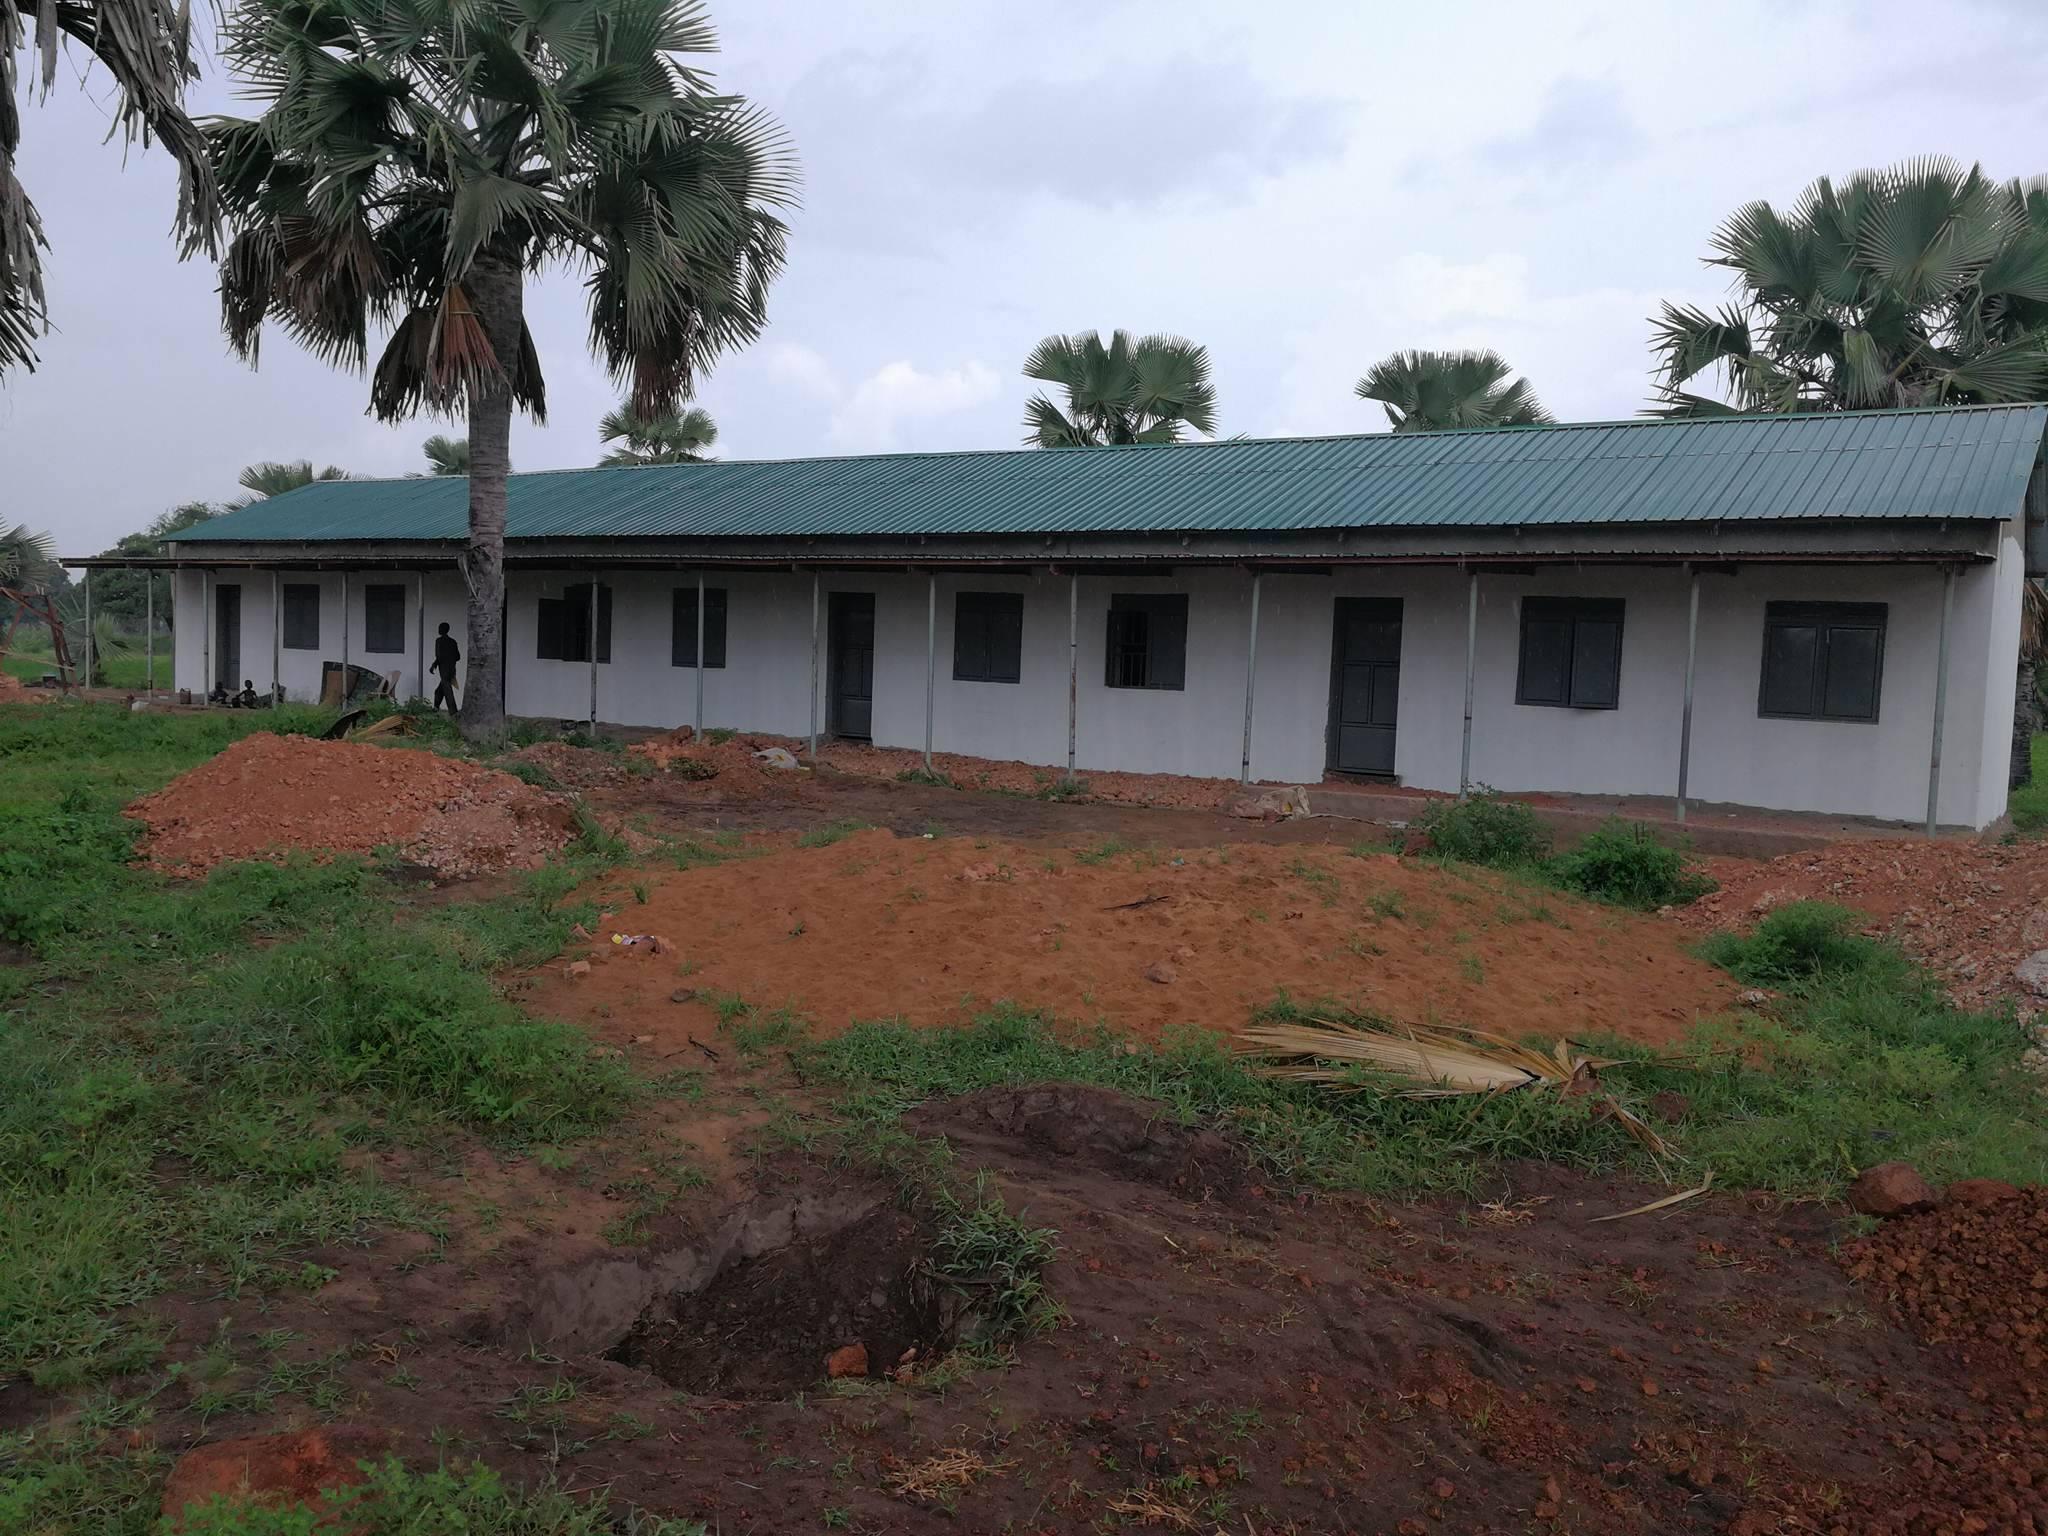 Rumbeck School